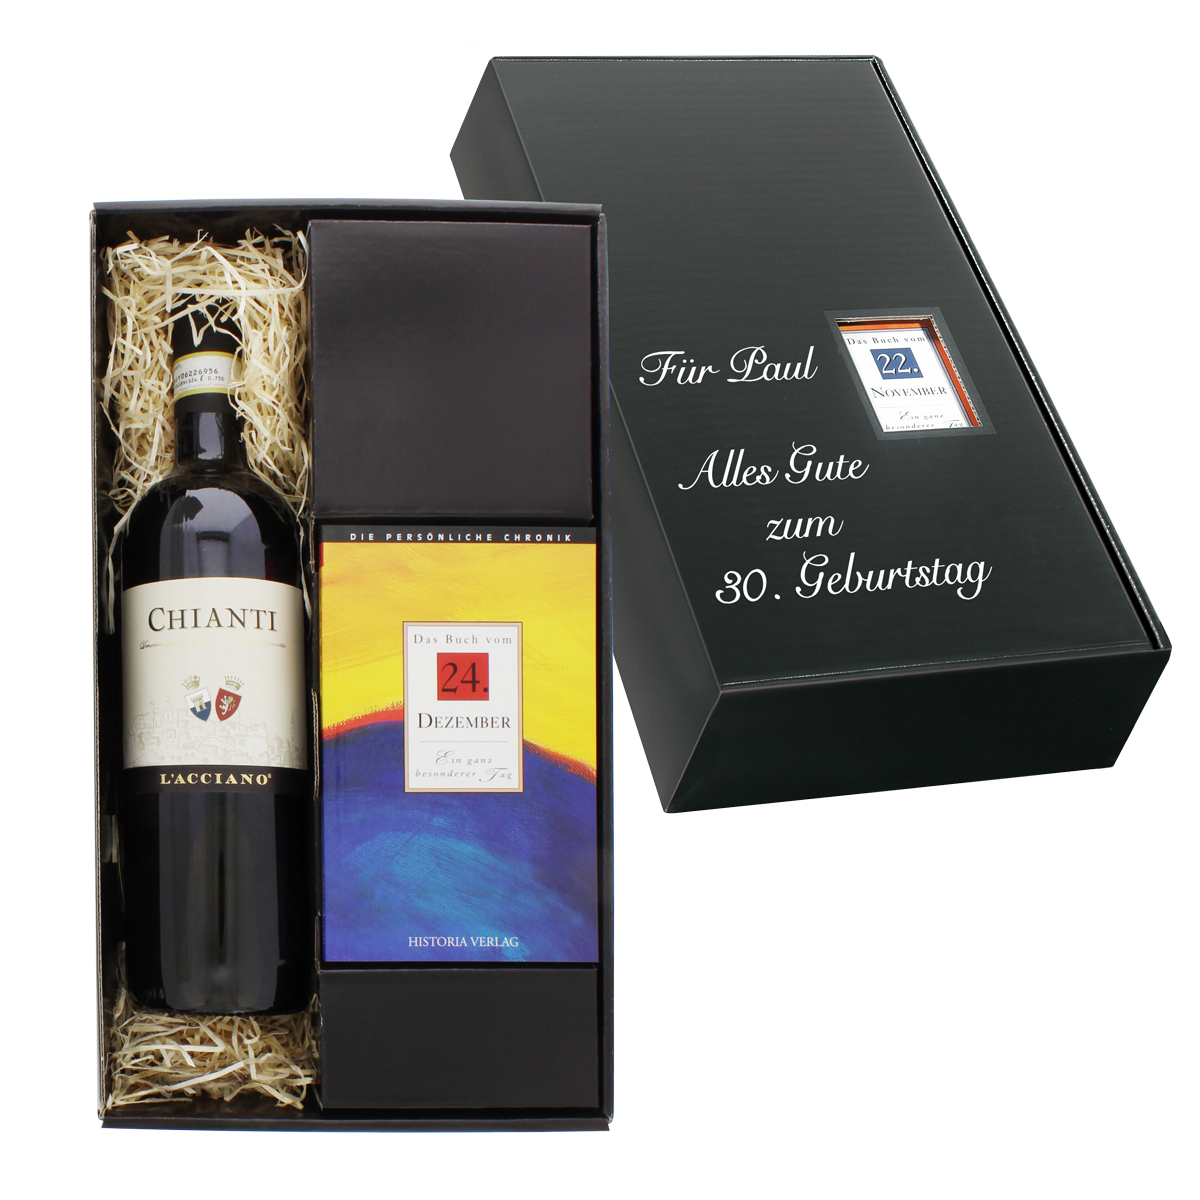 Italien-Set: Tageschronik vom 10. April & Chianti-Wein